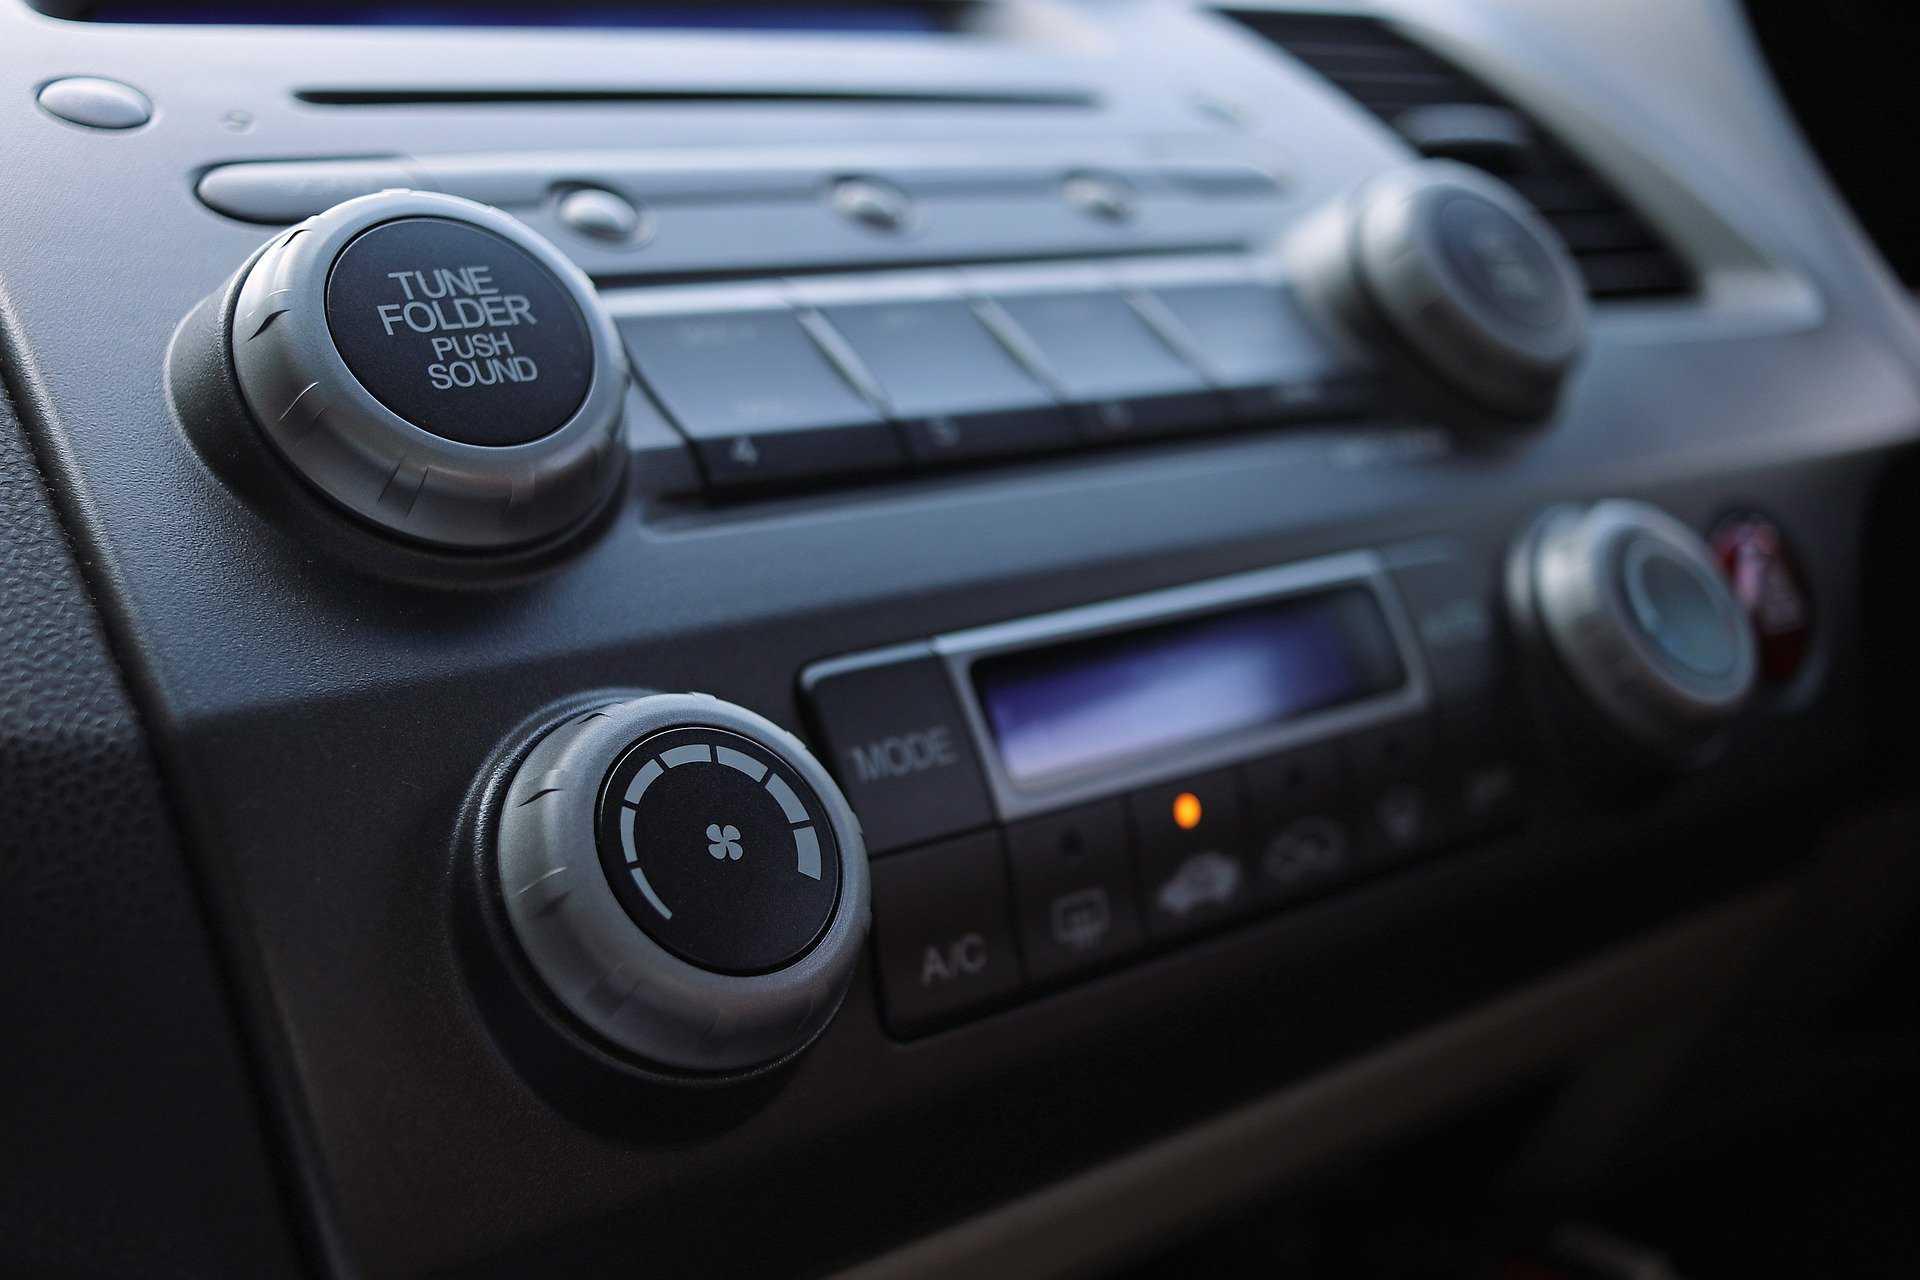 Car Temperature Control | Goodwill Car Donations